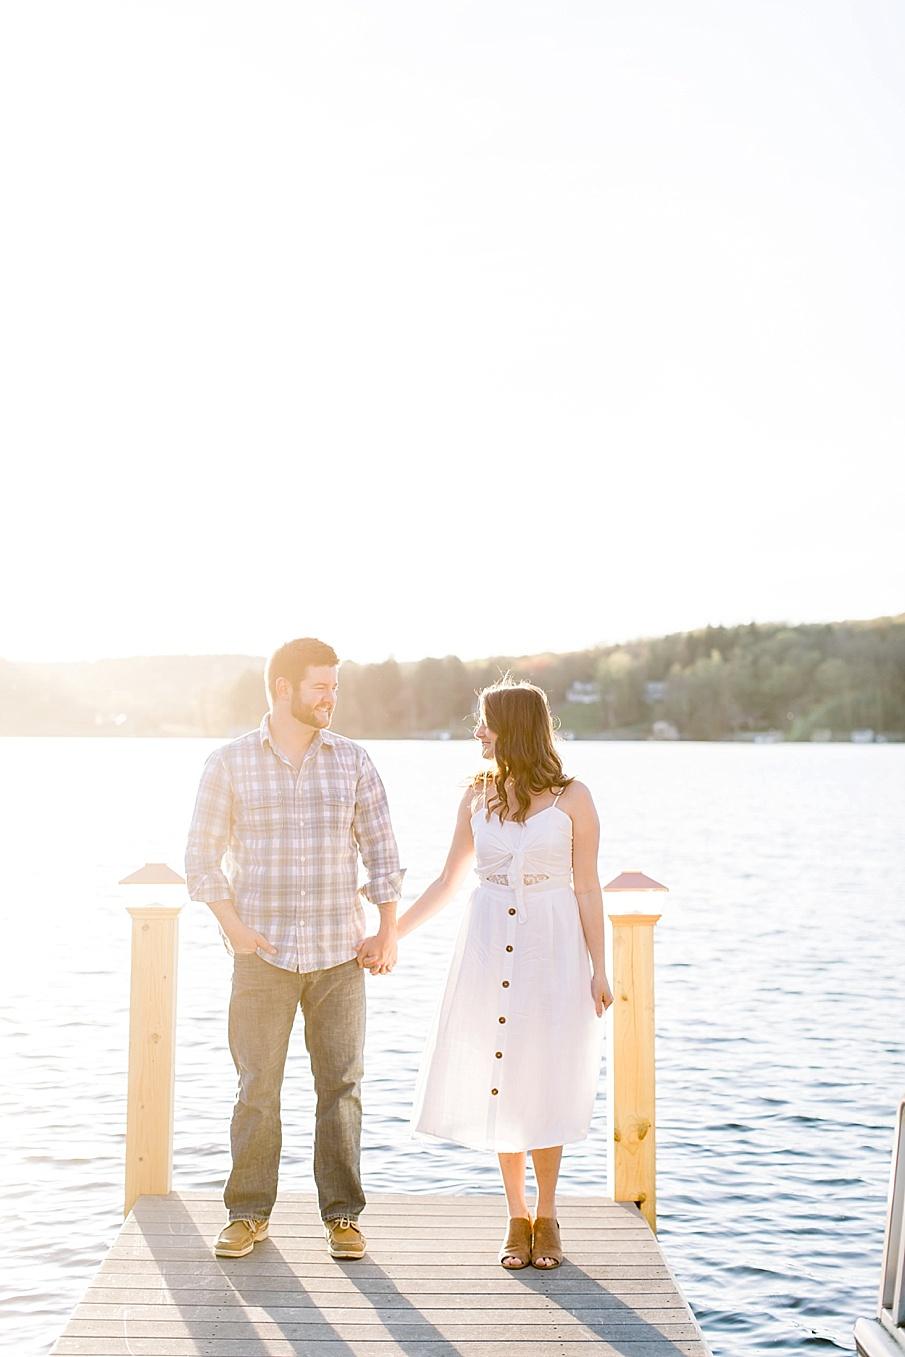 senecaryanco-syracuseweddingphotographer-syracuse-centralnewyork-skaneateles-brackney-quakerlake-binghamton-wedding-lake-engagementphotos_0032.jpg